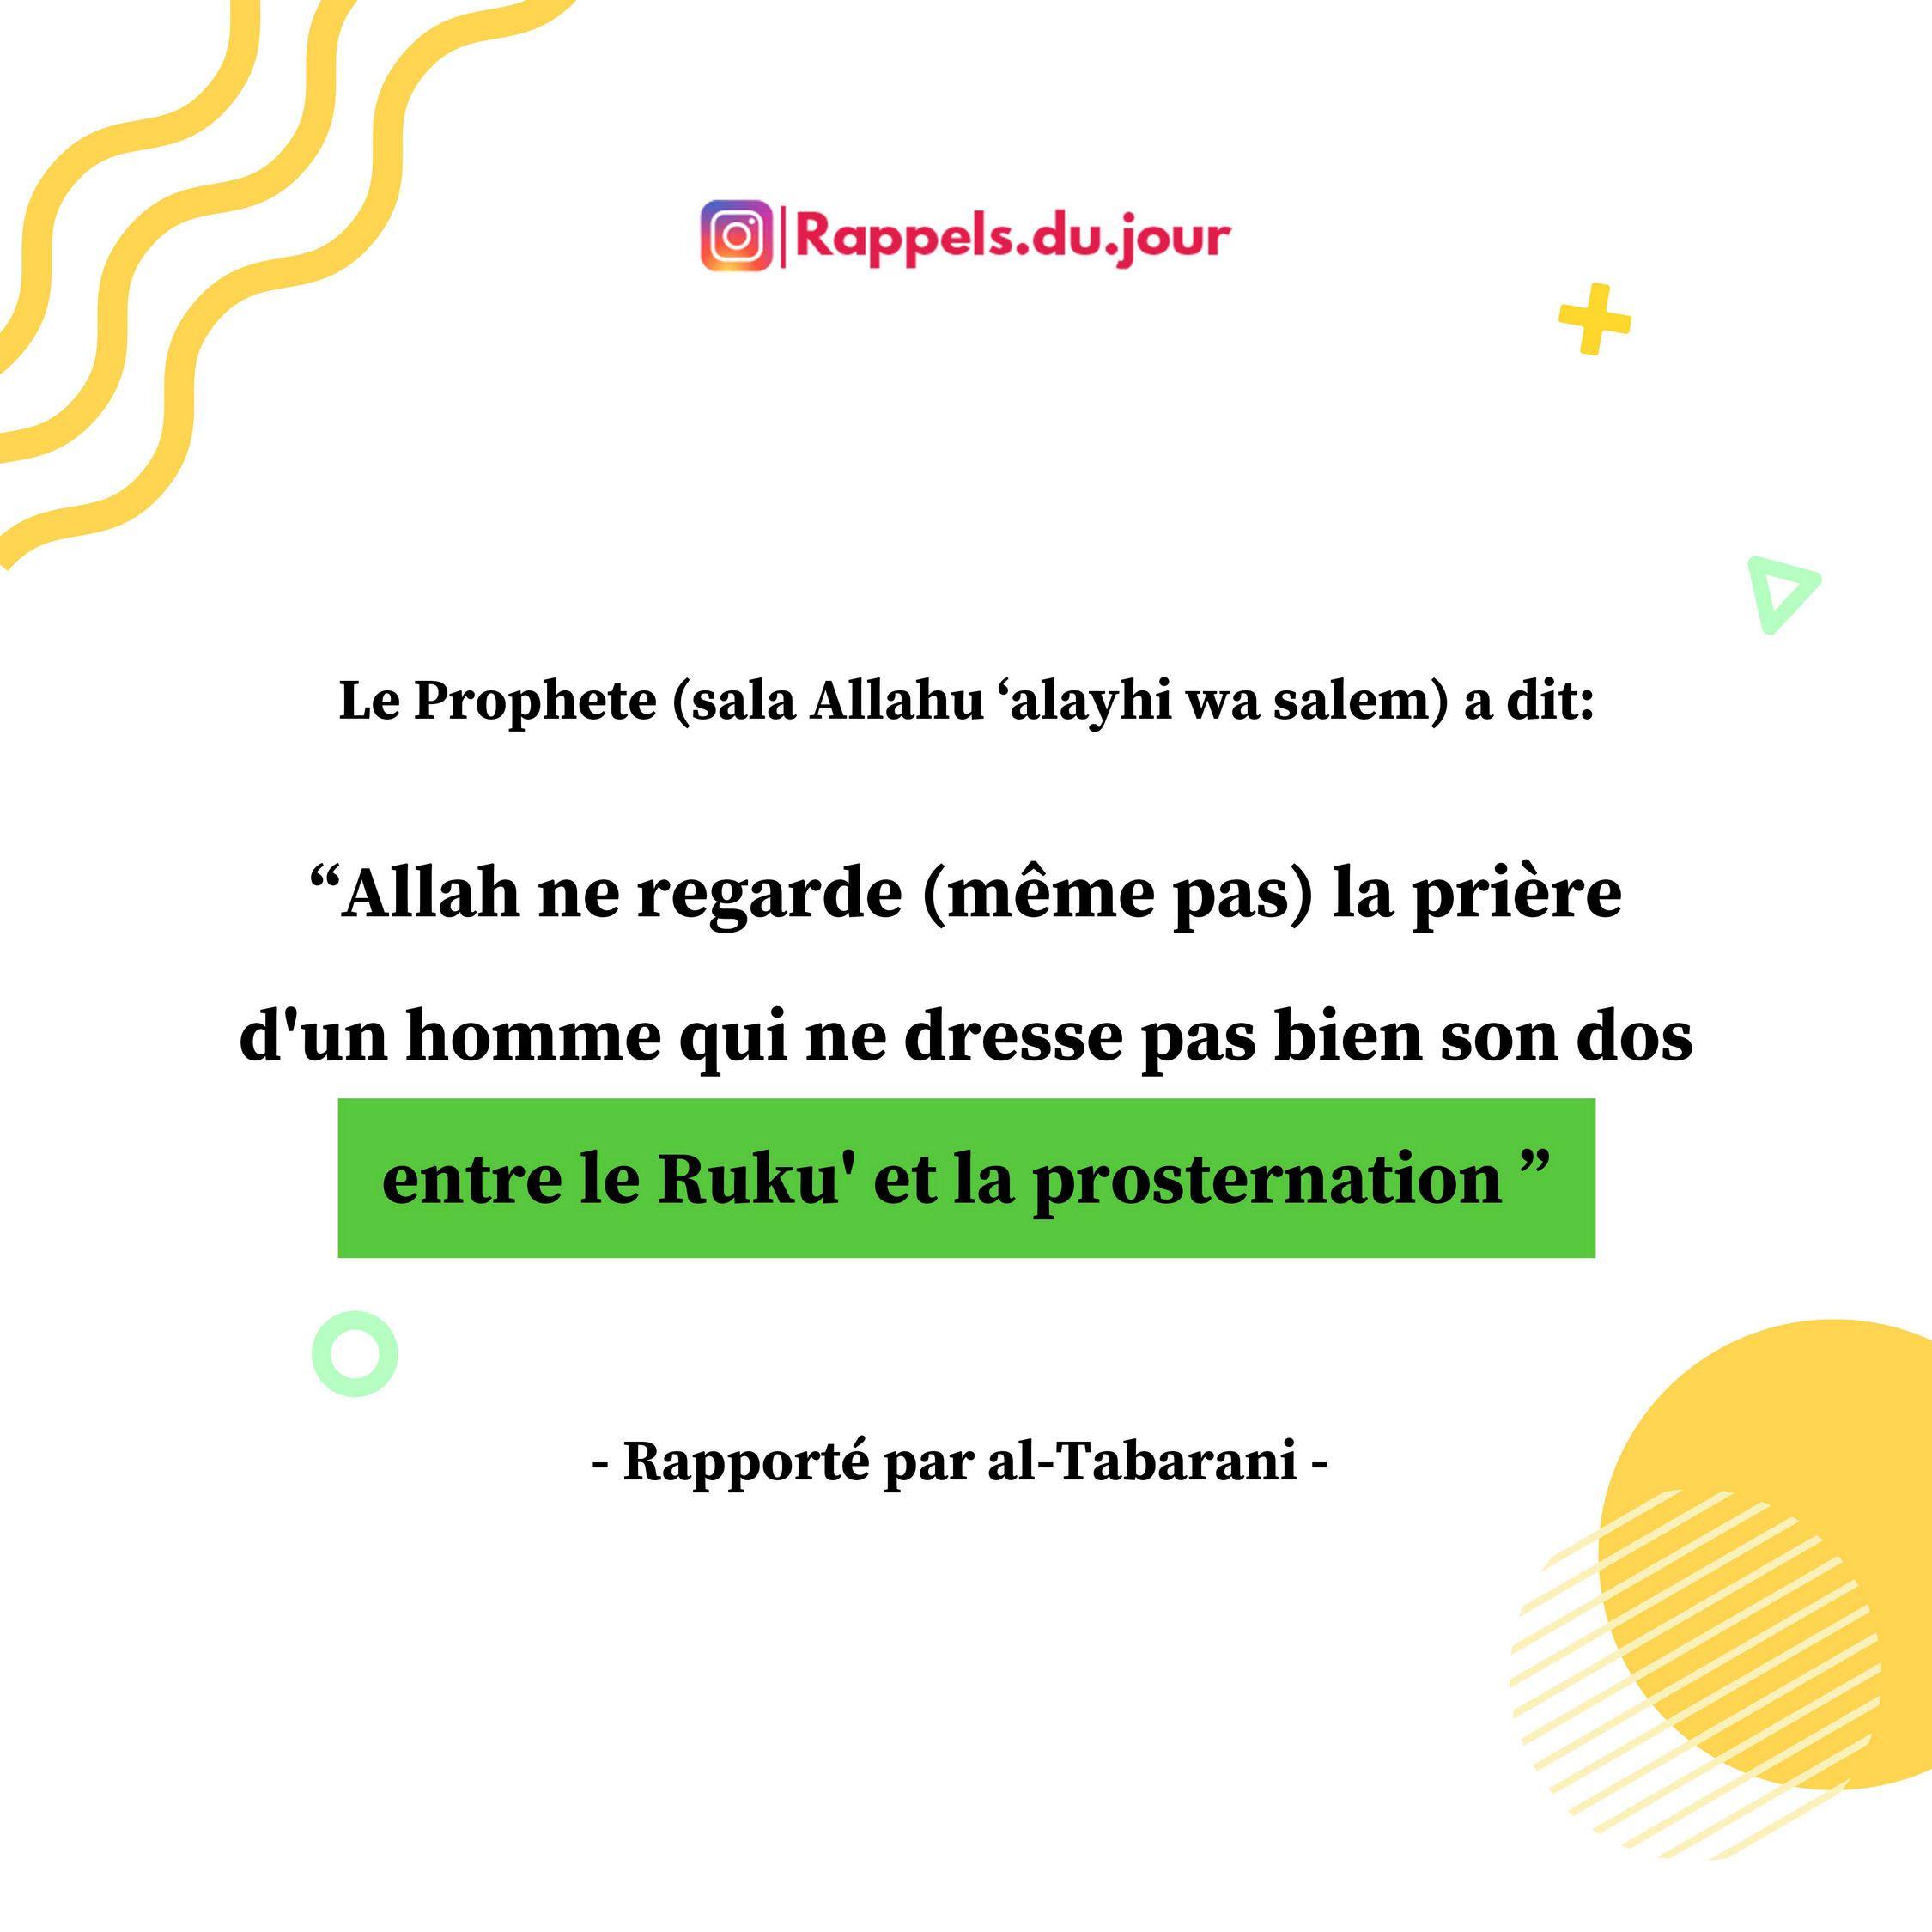 Hadith Talq Ben Ali al-Hanaf - Avertissement de ne pas accomplir parfaitement le Ruku' et la prosternation